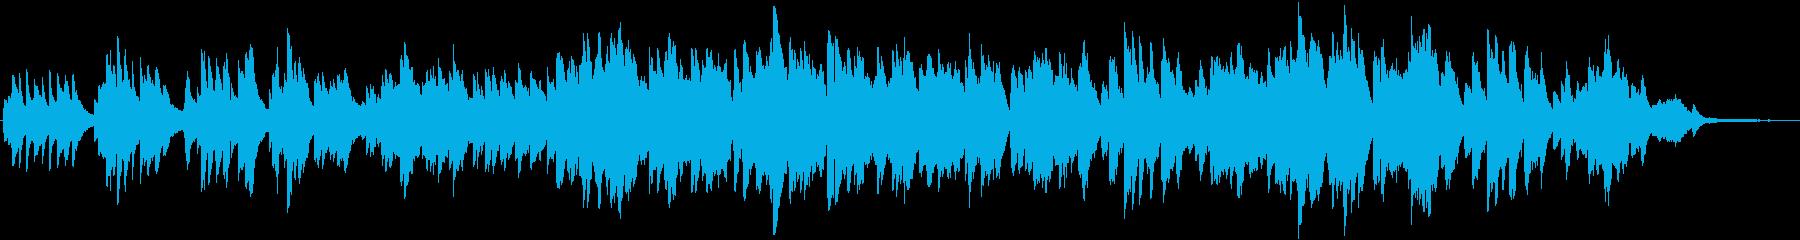 ピアノとケルトの笛の切ないバラードの再生済みの波形